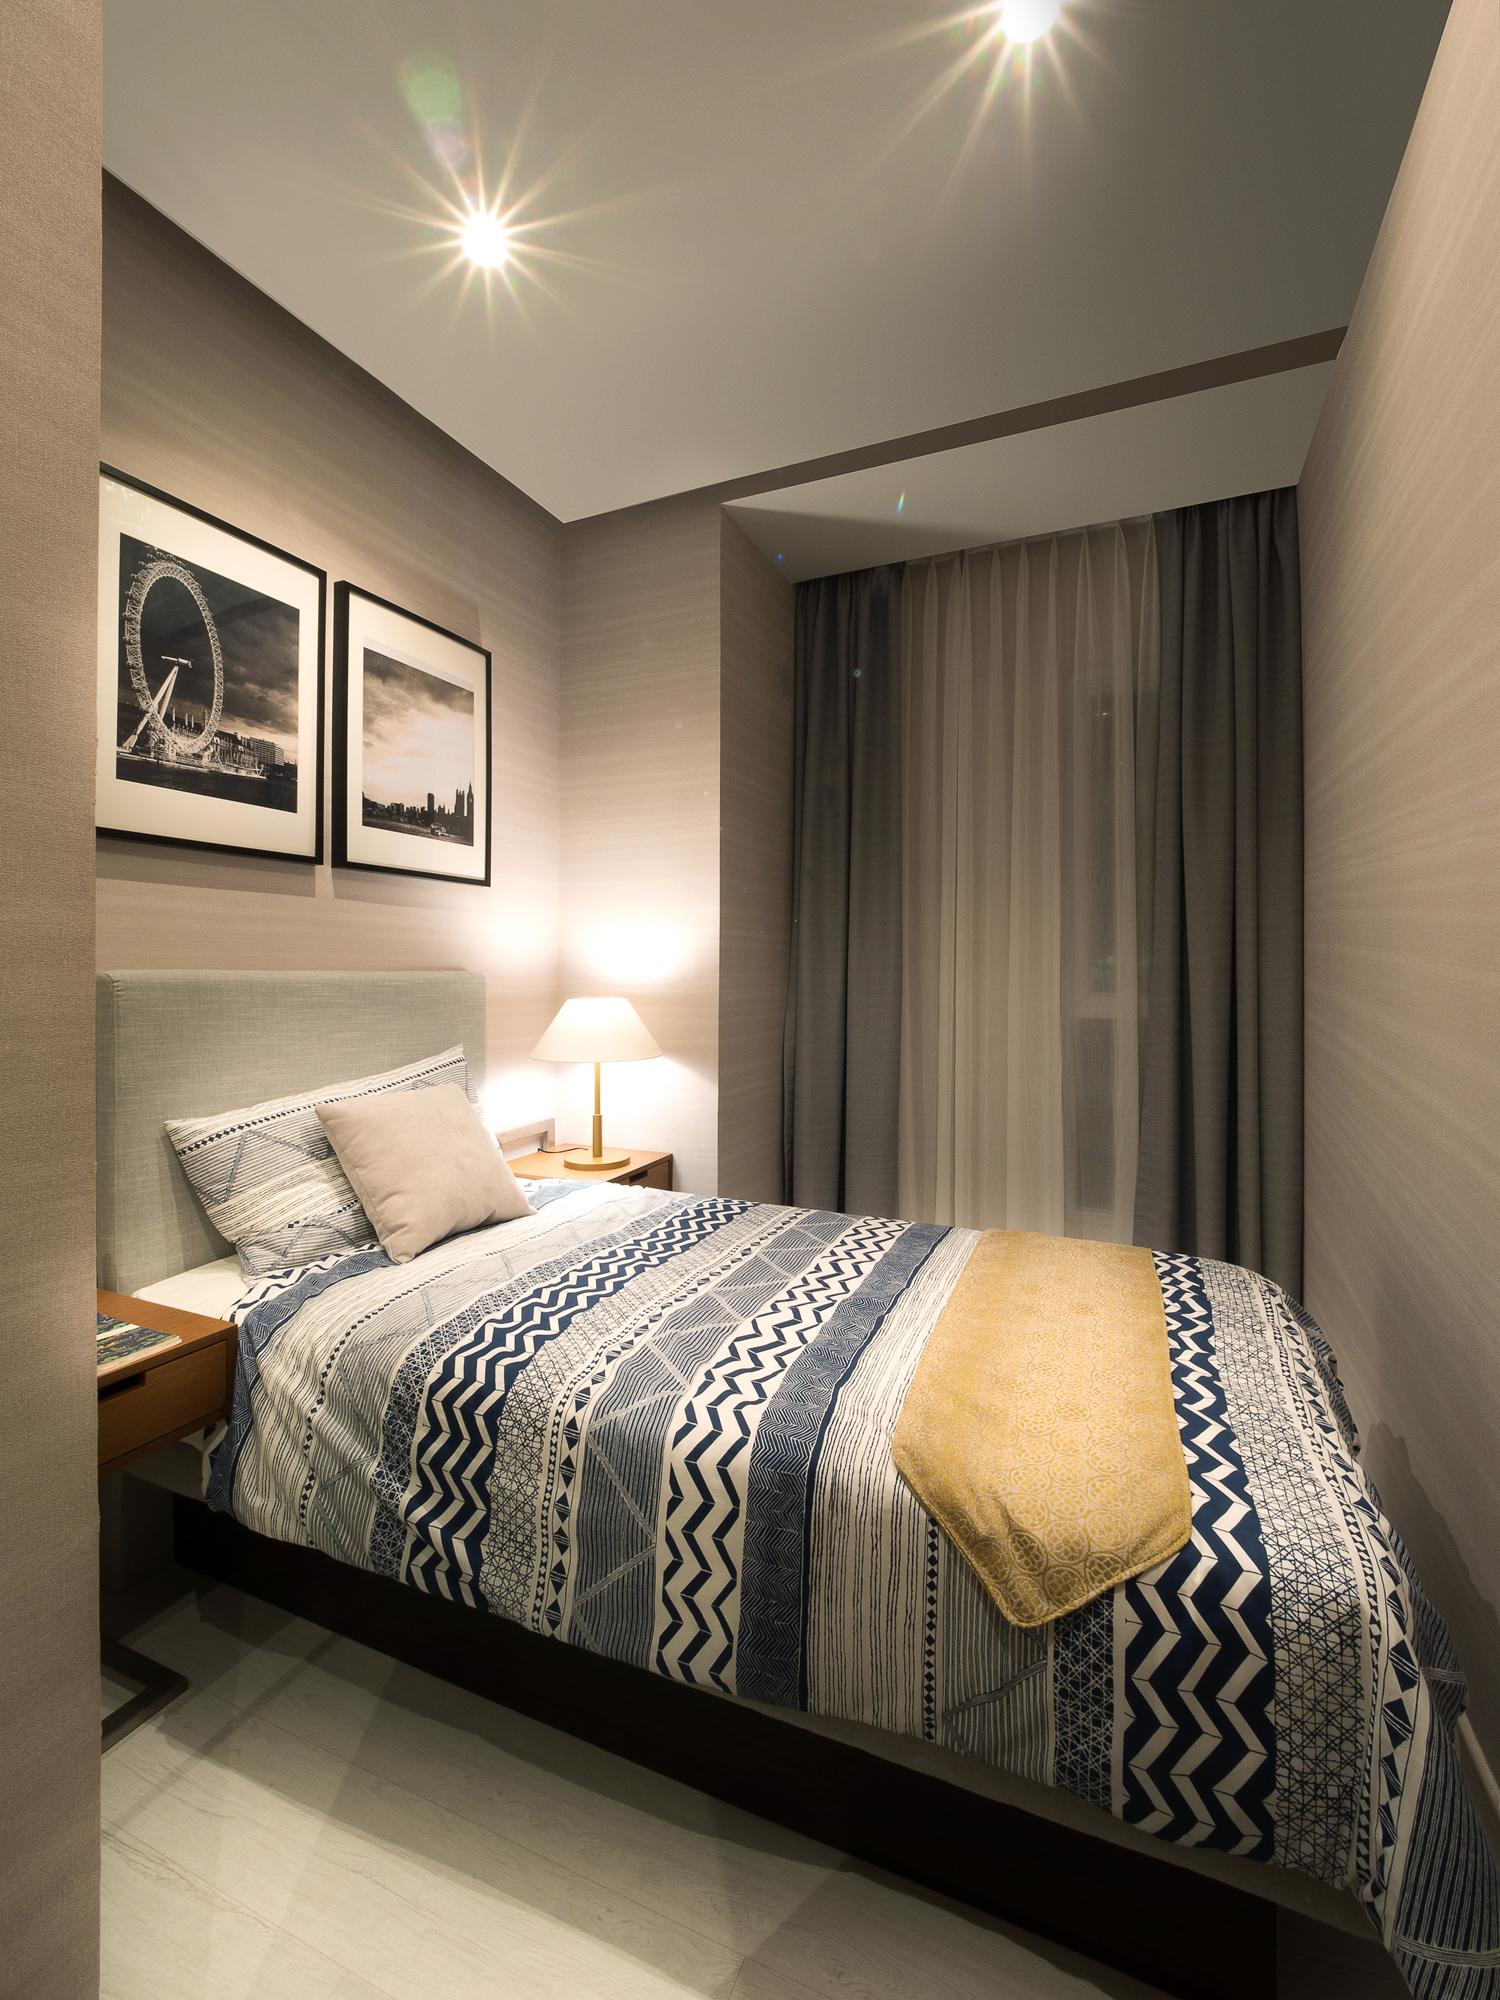 Savasa Panahome 7x12 Bedroom